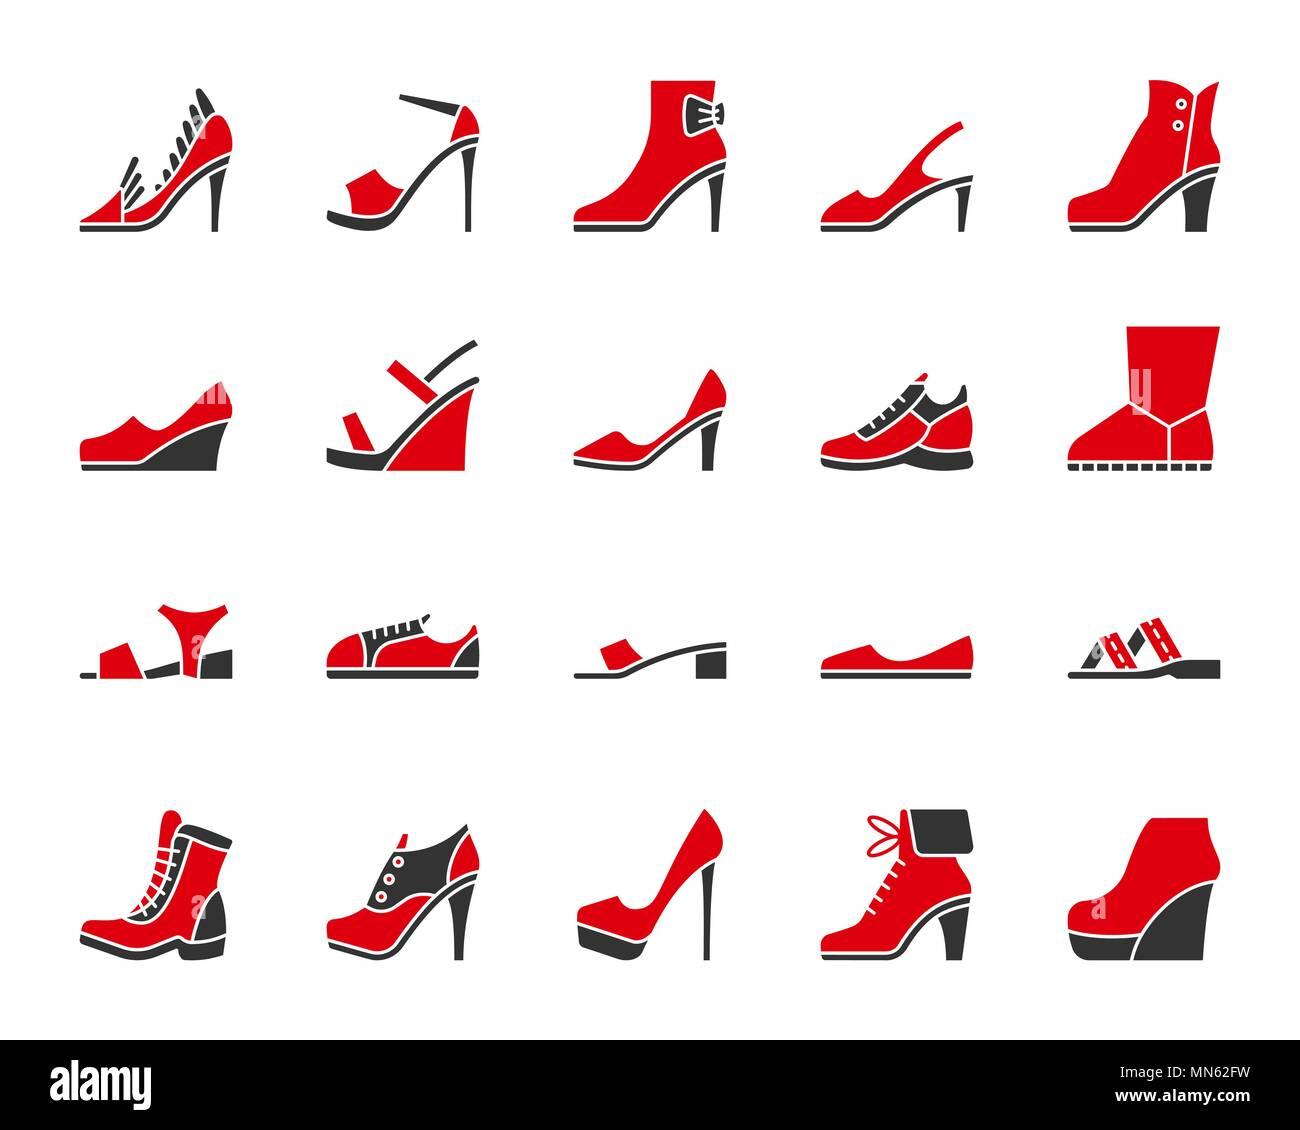 Chaussures femmes silhouette icons set. Isolé sur blanc kit web sign de chaussures. Pictogramme chaussures ugg collection comprend, pompes, bateaux. Deux couleurs simples Illustration de Vecteur